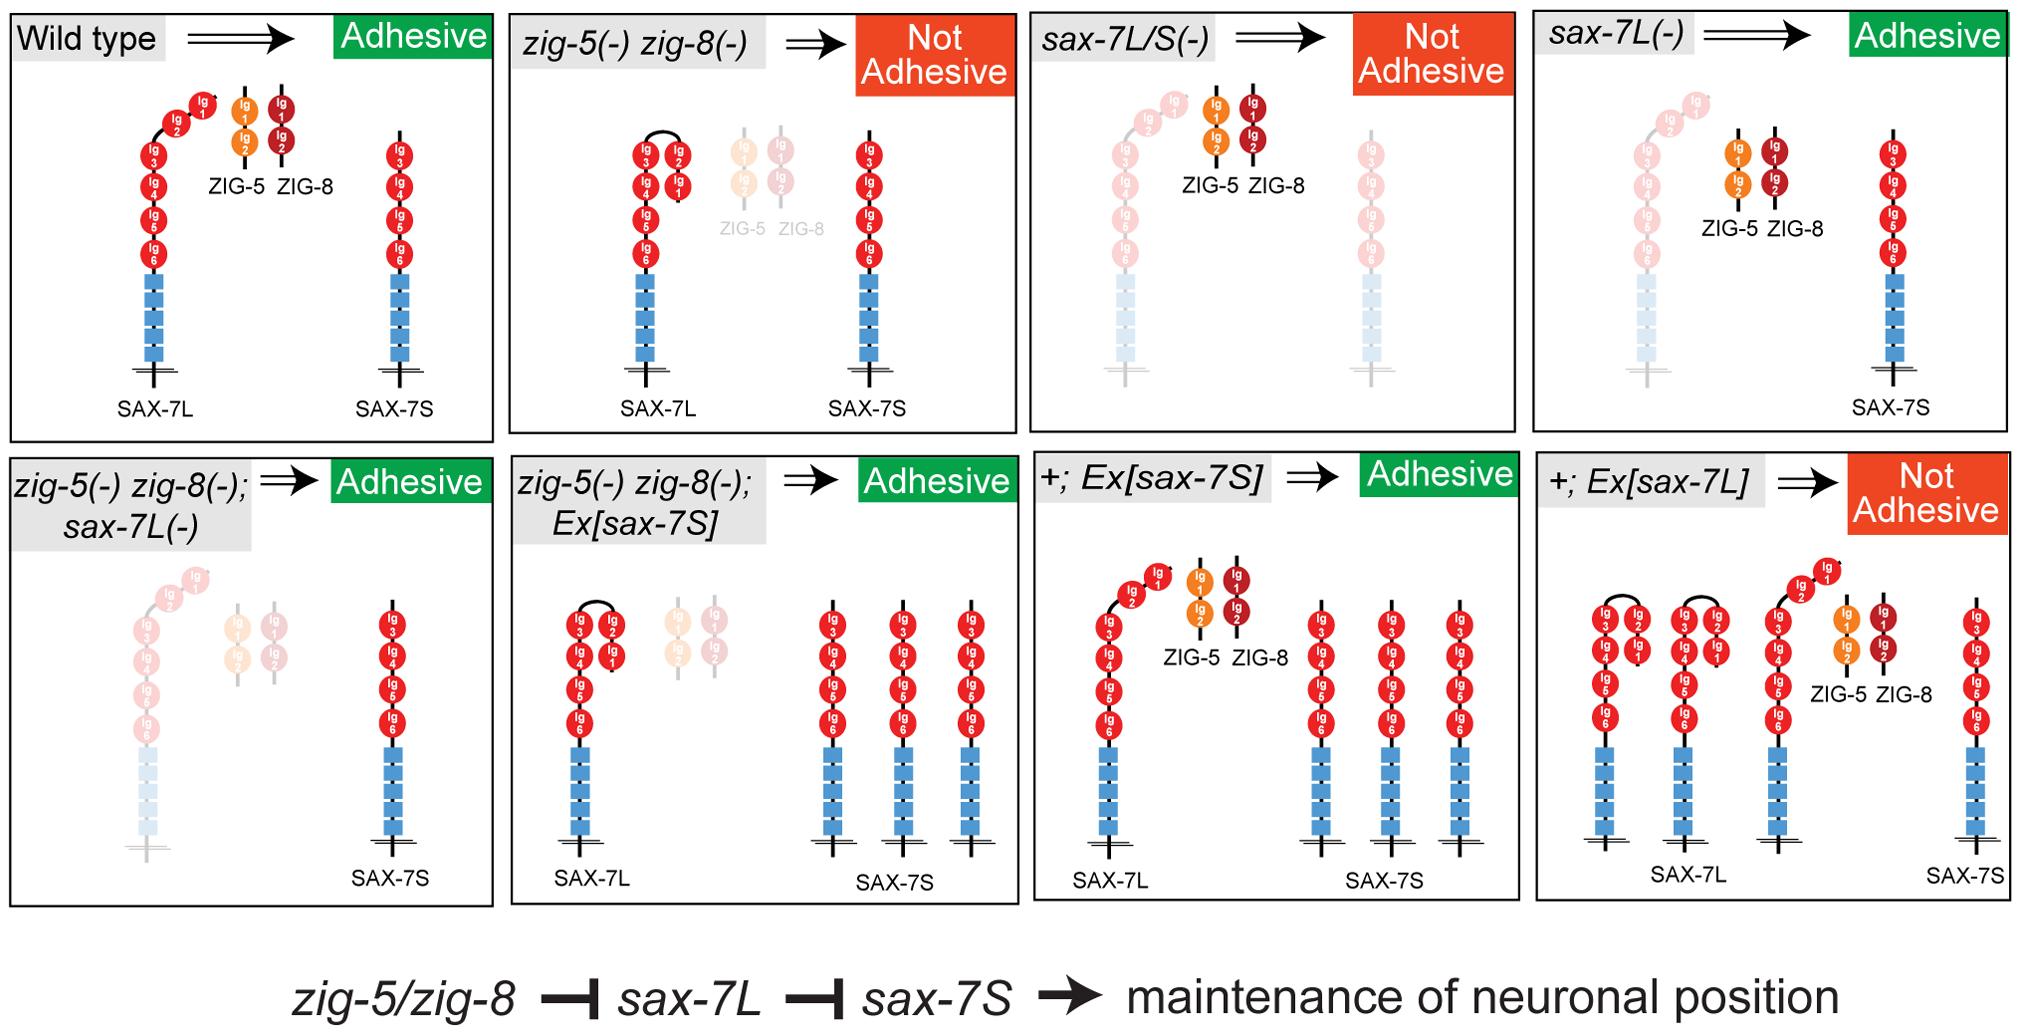 Genetic interactions of <i>zig-5, zig-8</i> and <i>sax-7</i>.